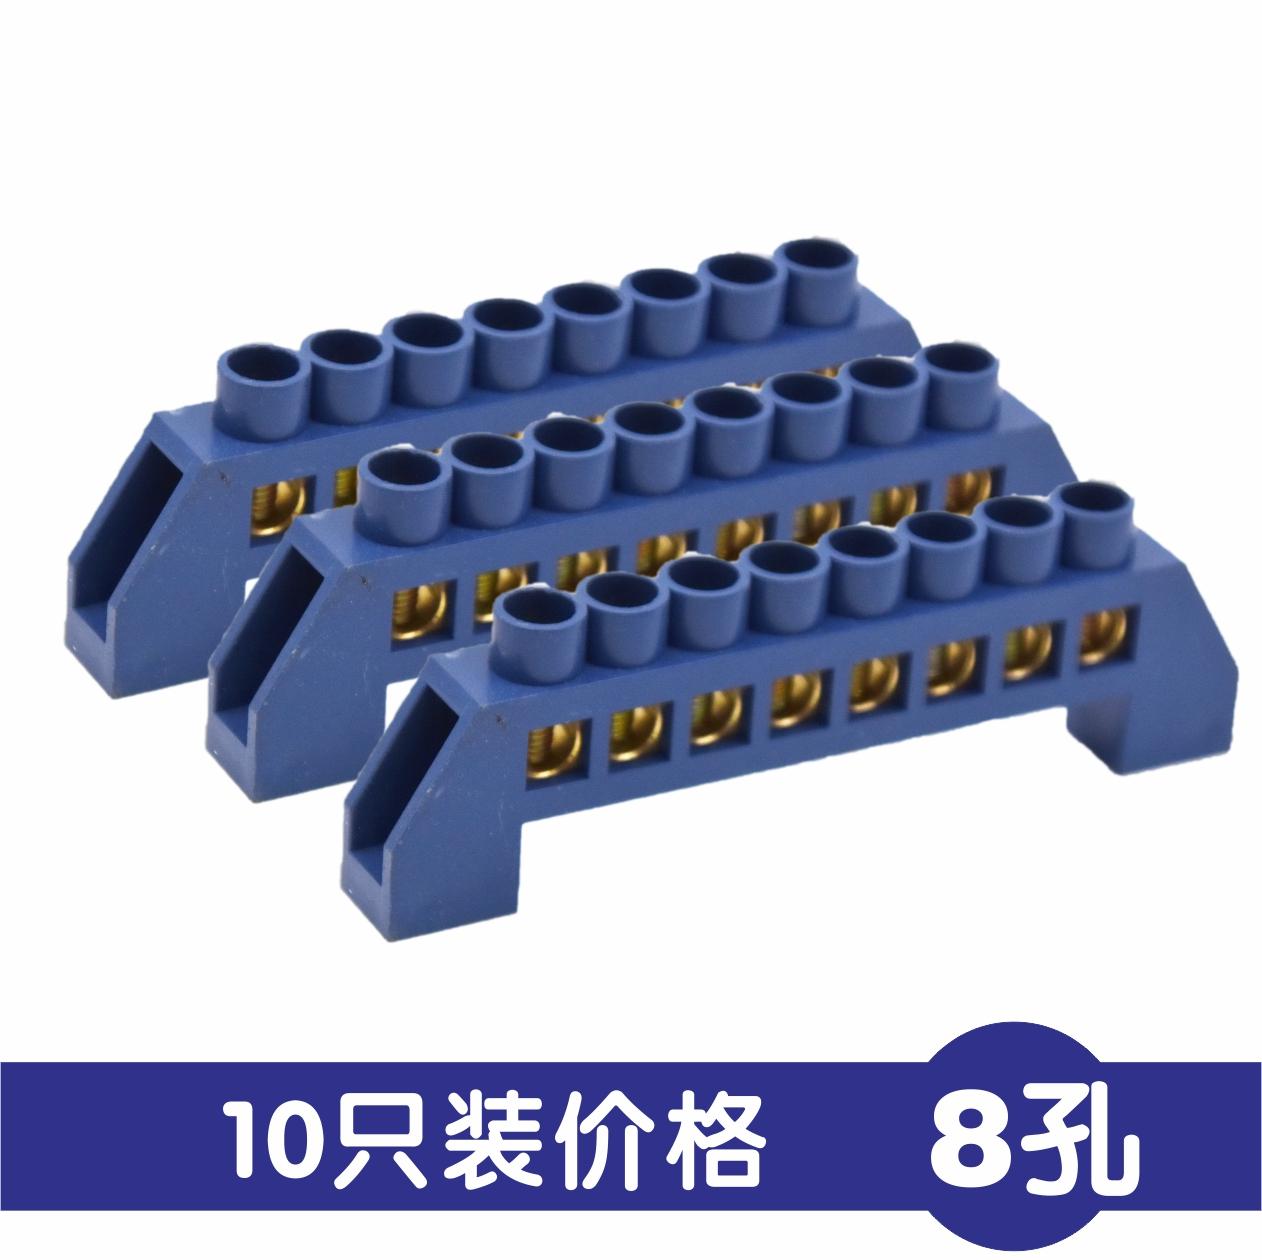 新彩网今日福彩3d字谜画谜总汇 下载最新版本安全可靠